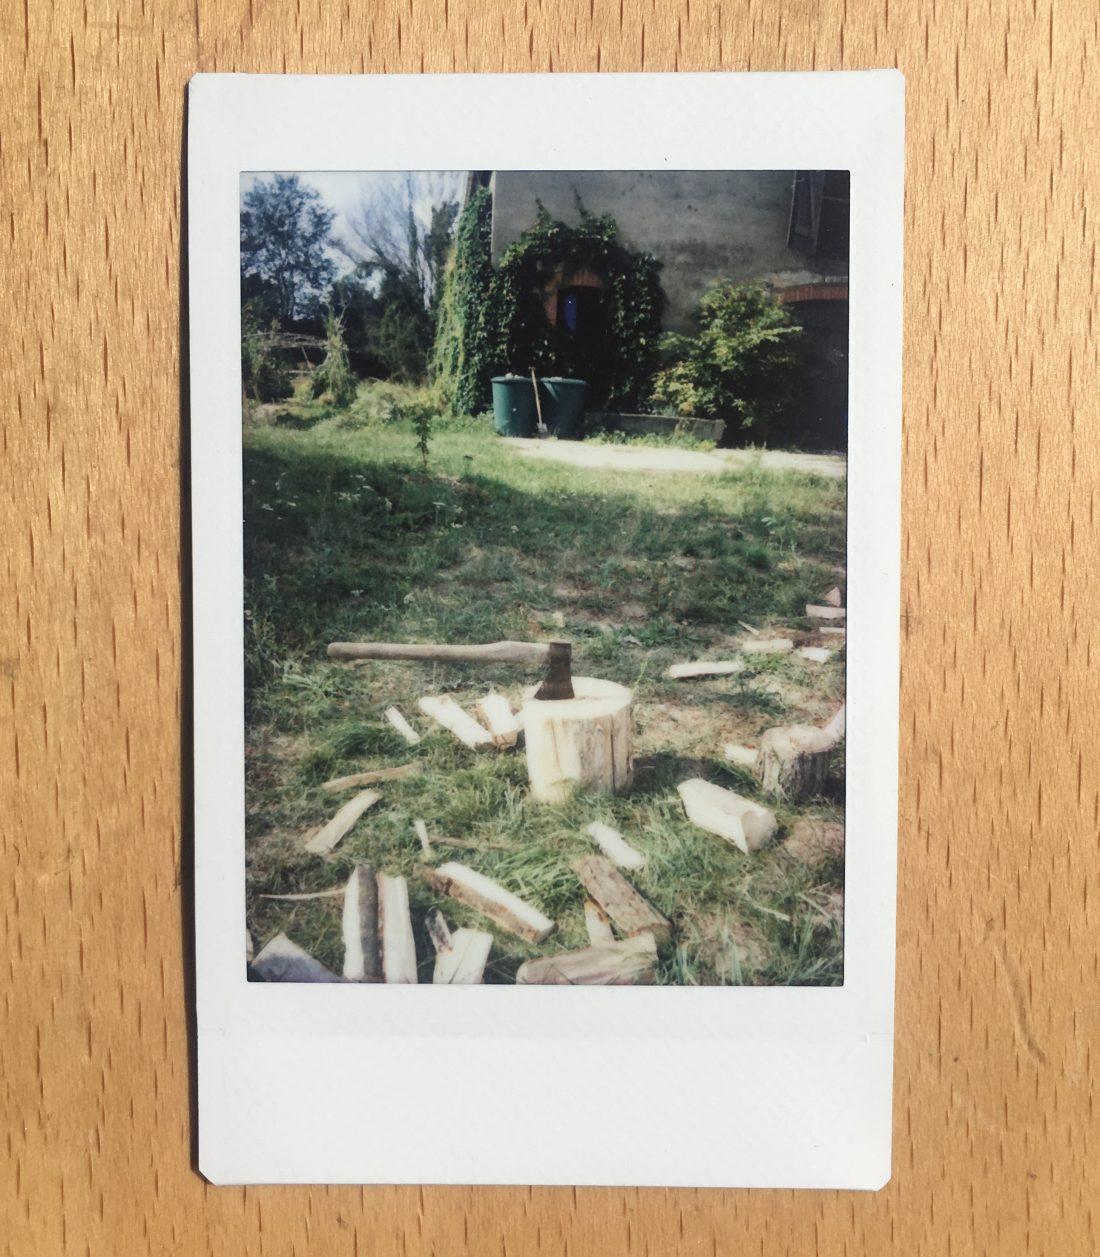 <p>Wood chopping by Shakyra</p>